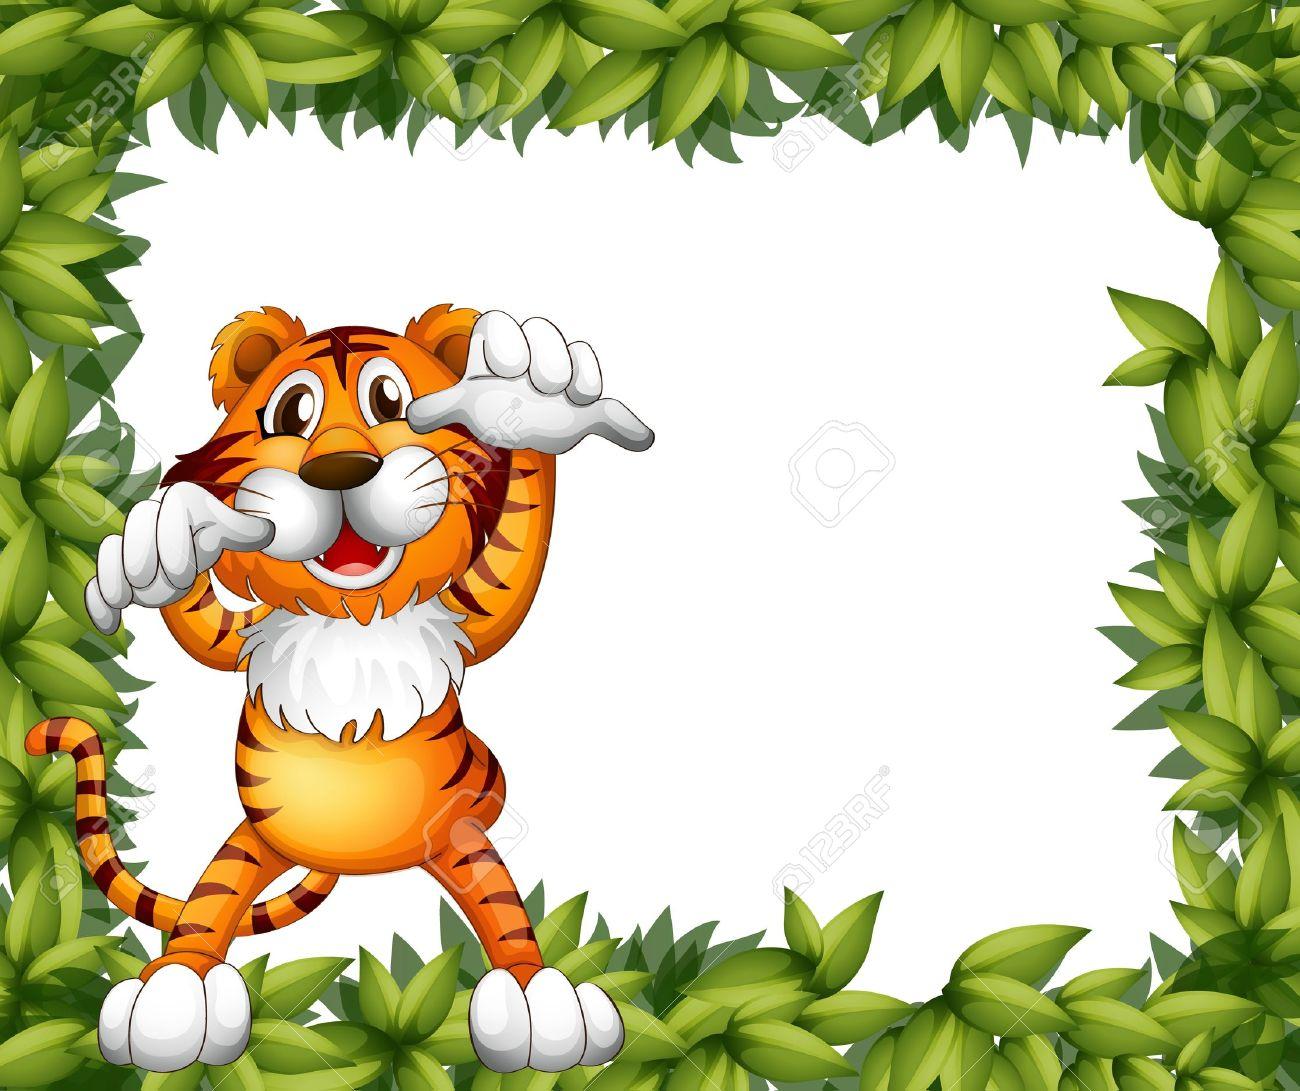 Ilustración De Un Tigre Y Un Marco Planta Sobre Un Fondo Blanco ...